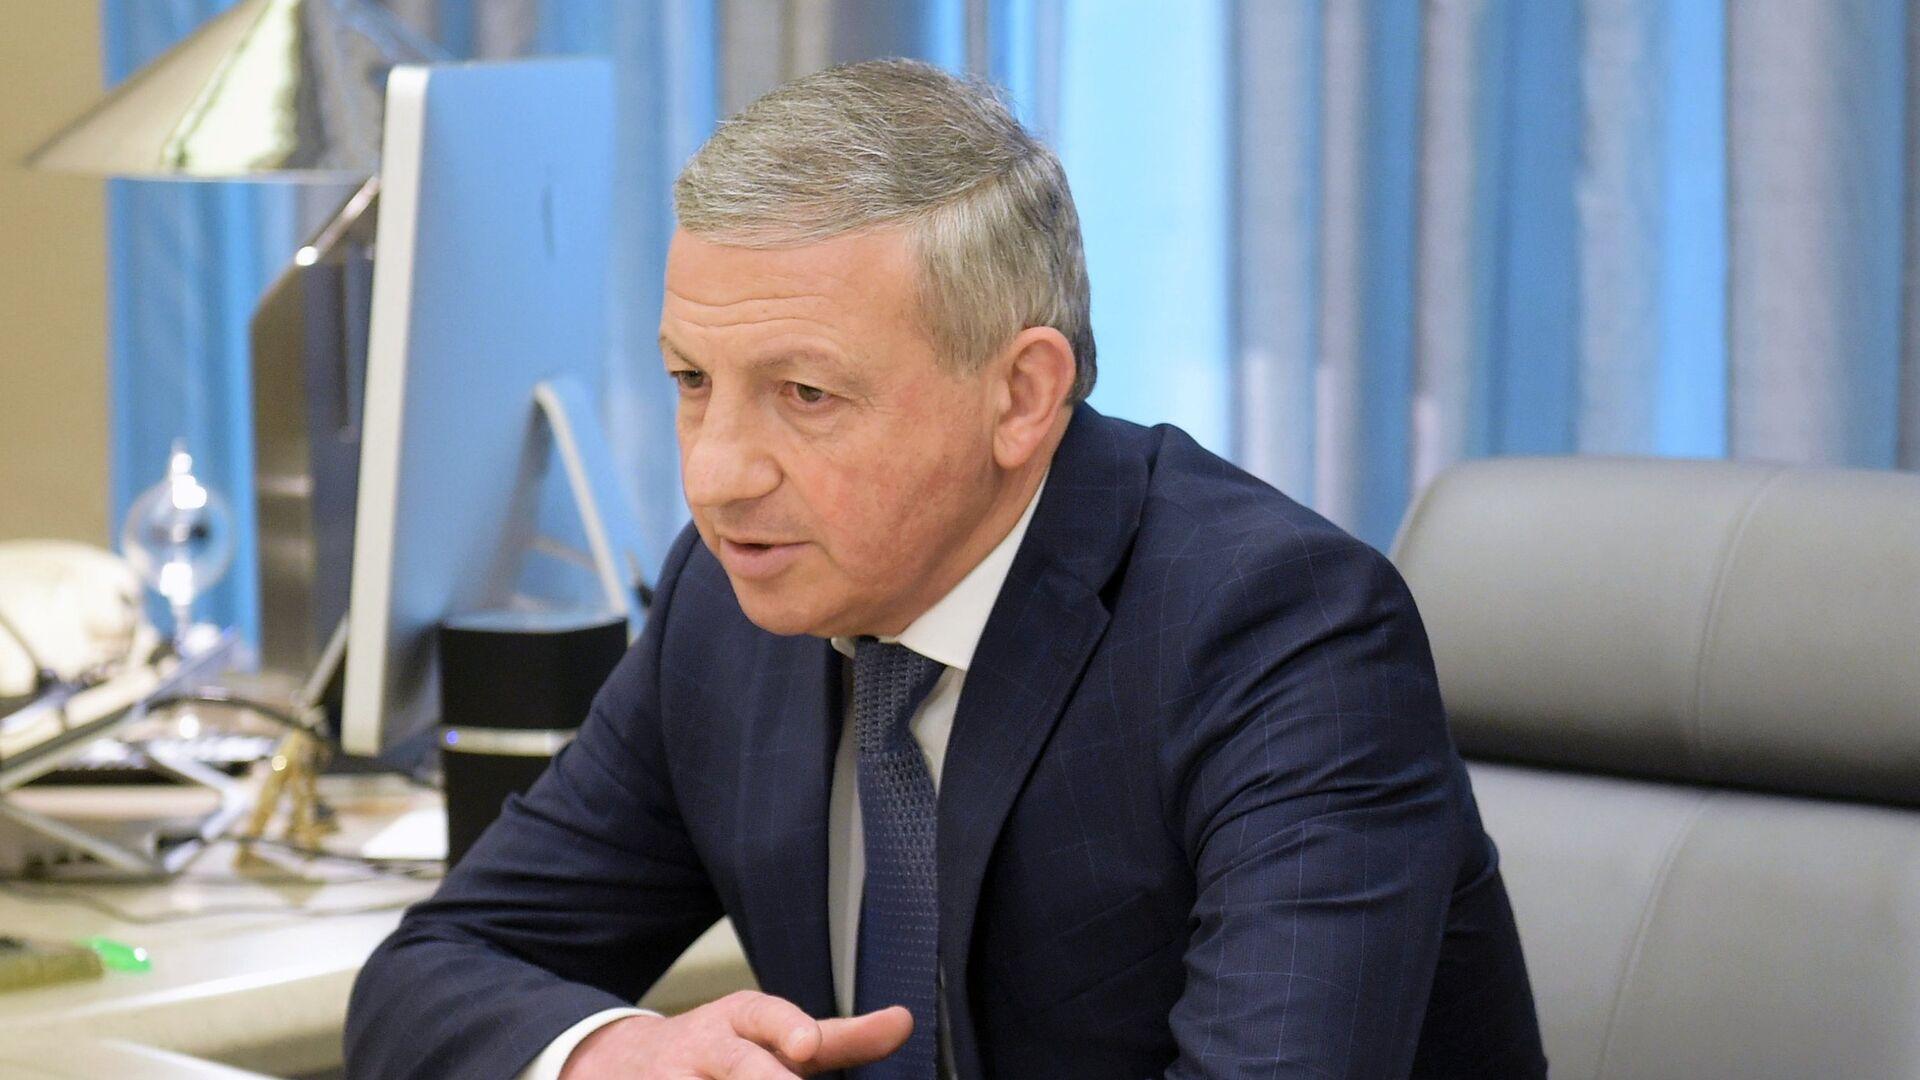 Песков: Путин не обсуждал с губернаторами назначение полпреда в СФО